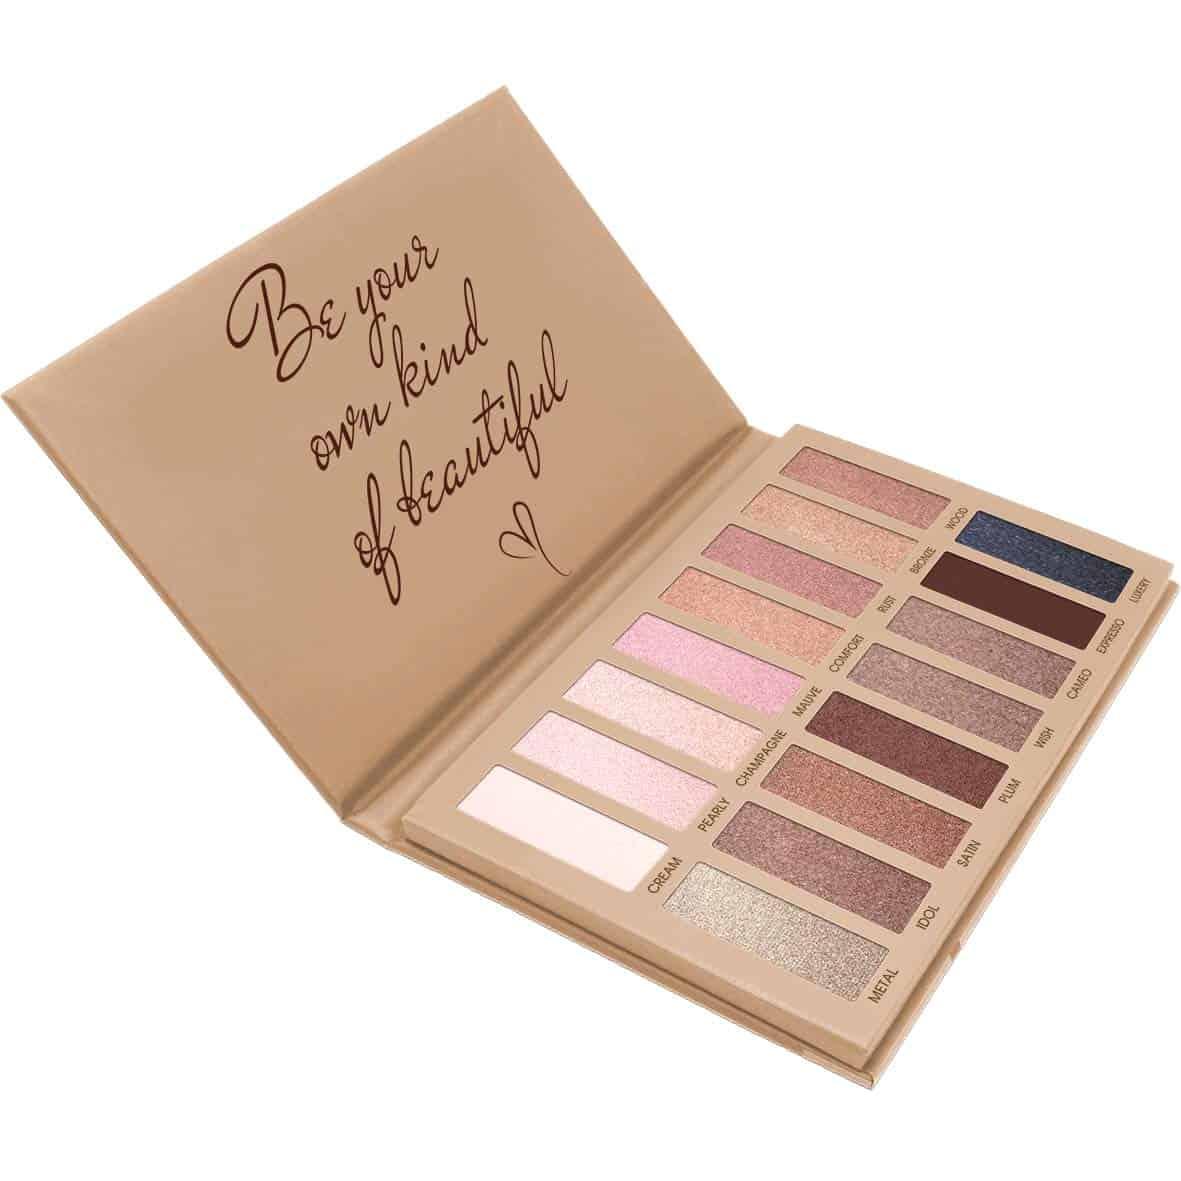 best eyeshadow color for dark brown eyes